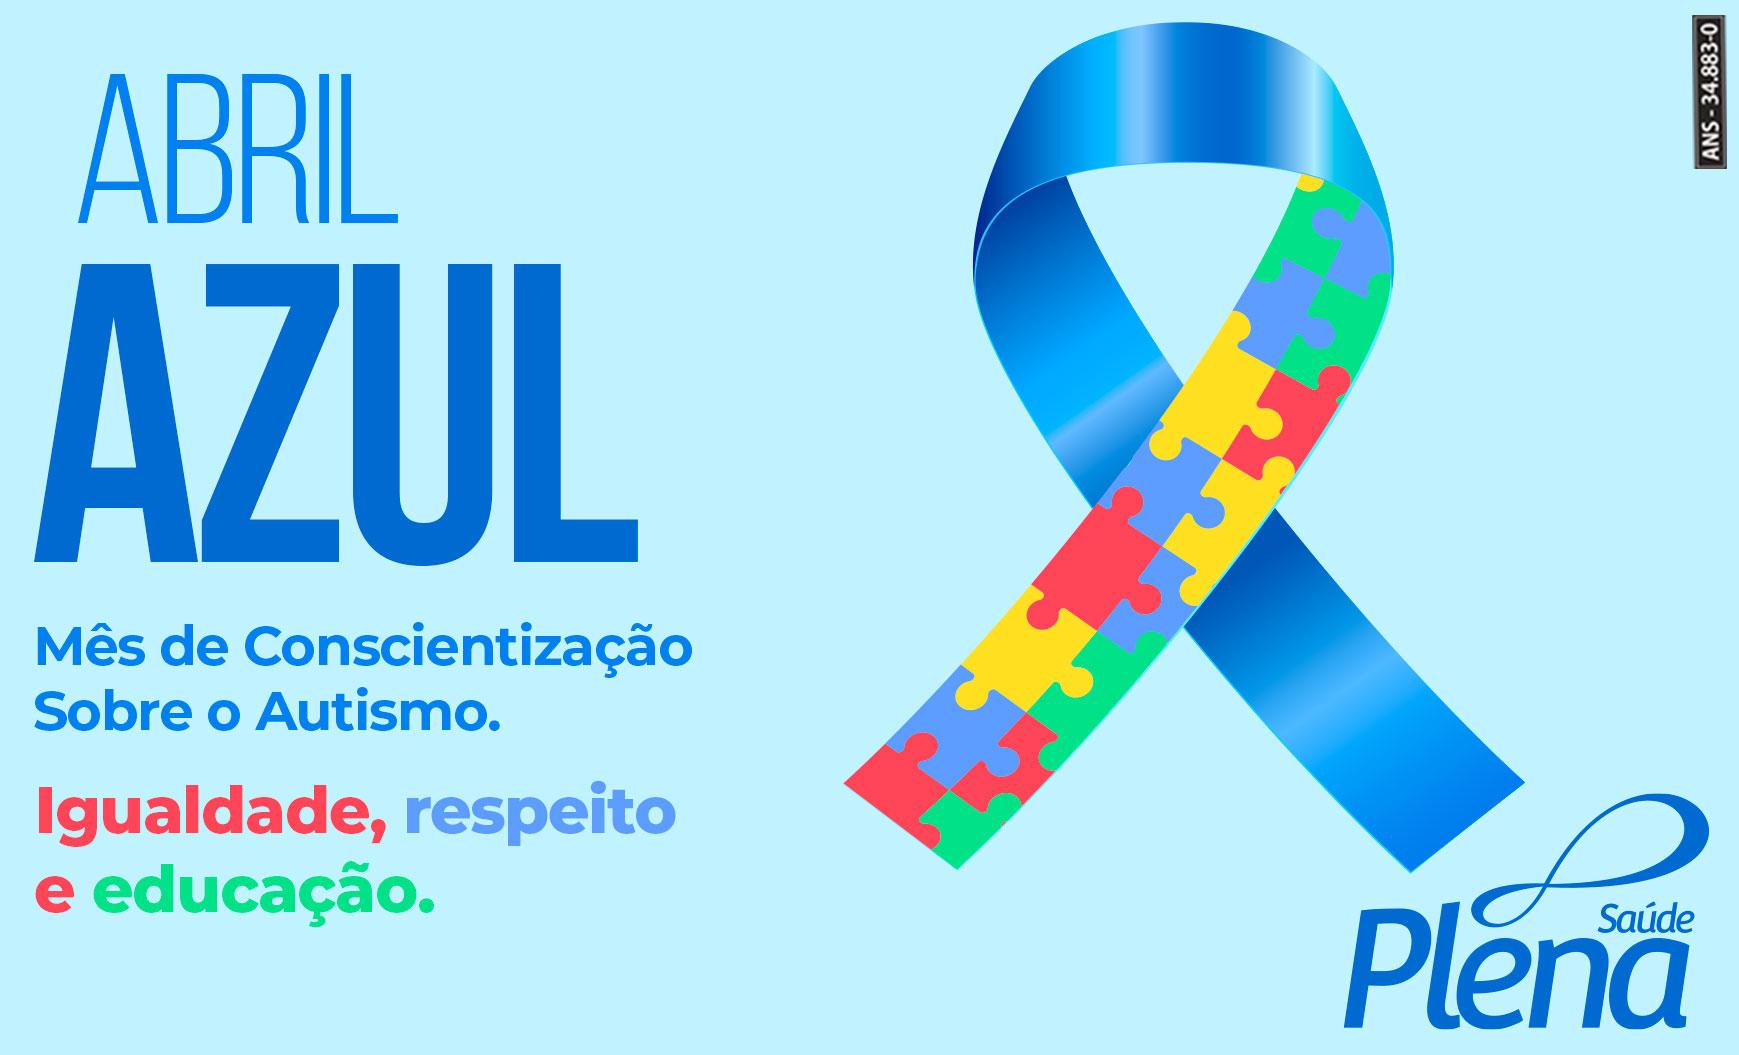 Abril Azul – Mês de Conscientização  Sobre o Autismo.